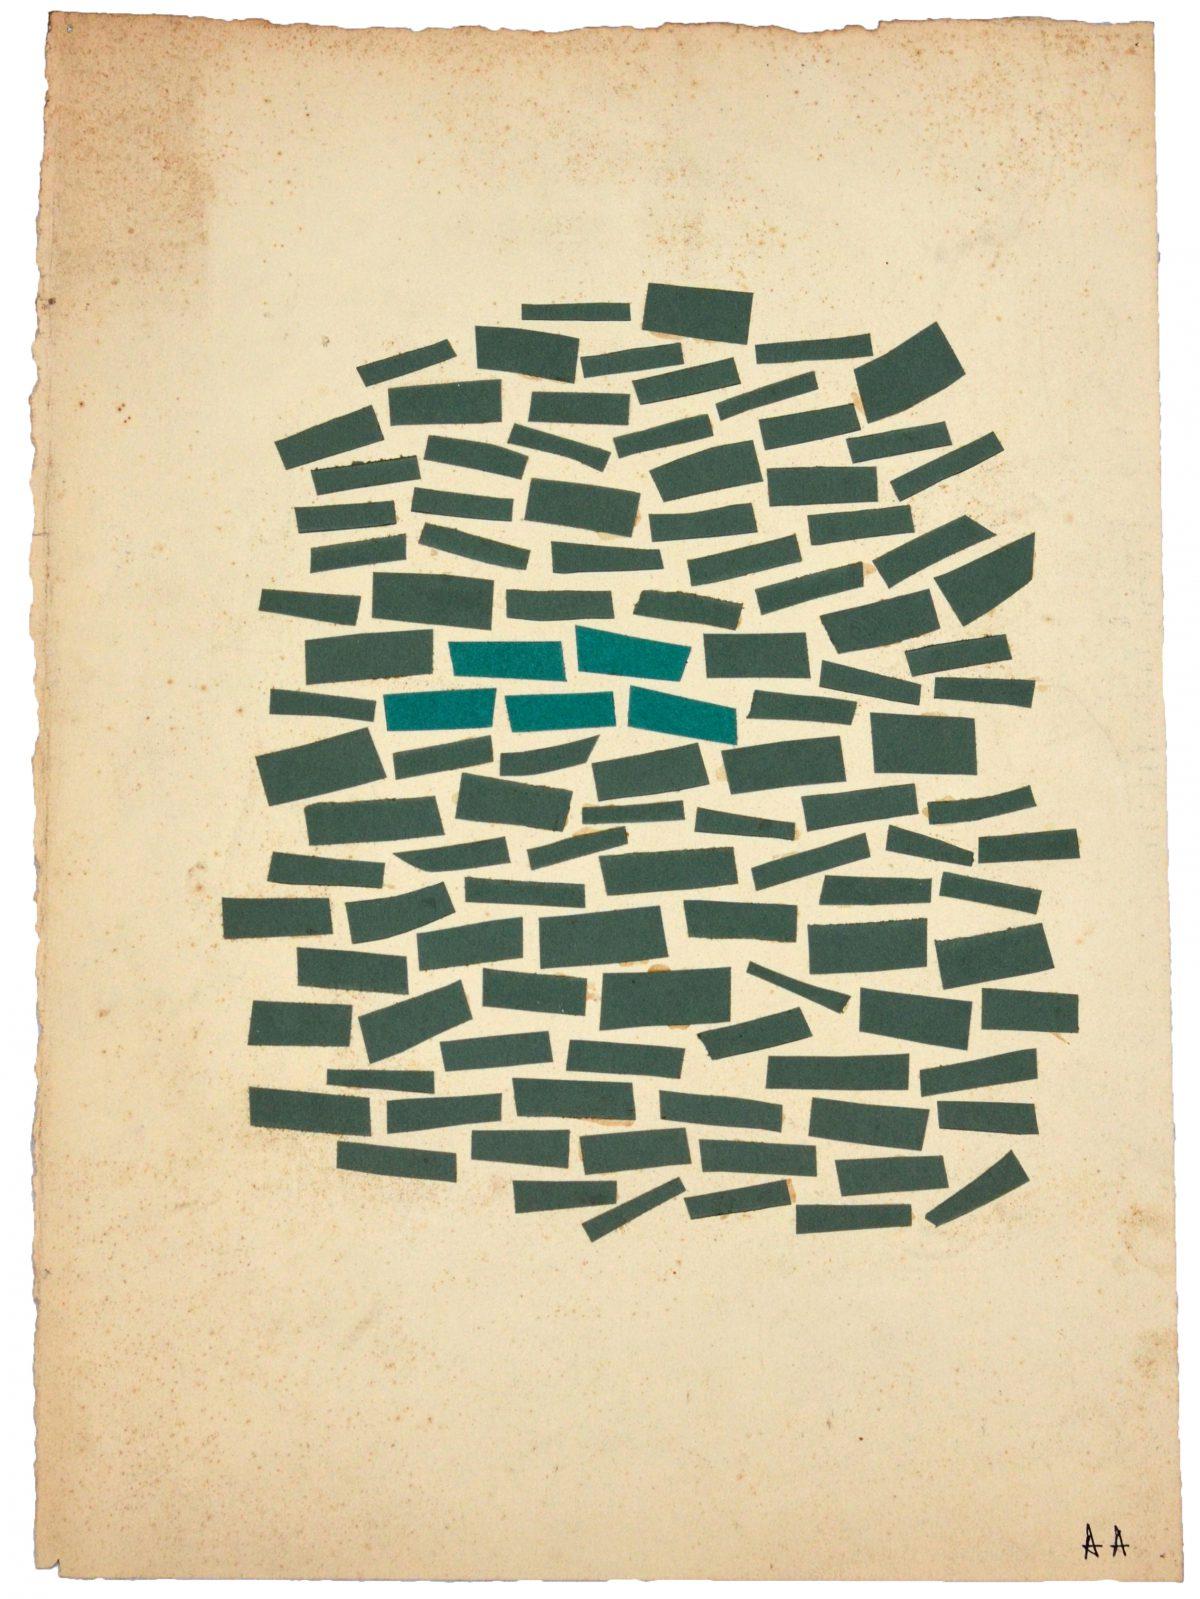 Papiers découpés - 52,4 X 37,5 cm - 1950